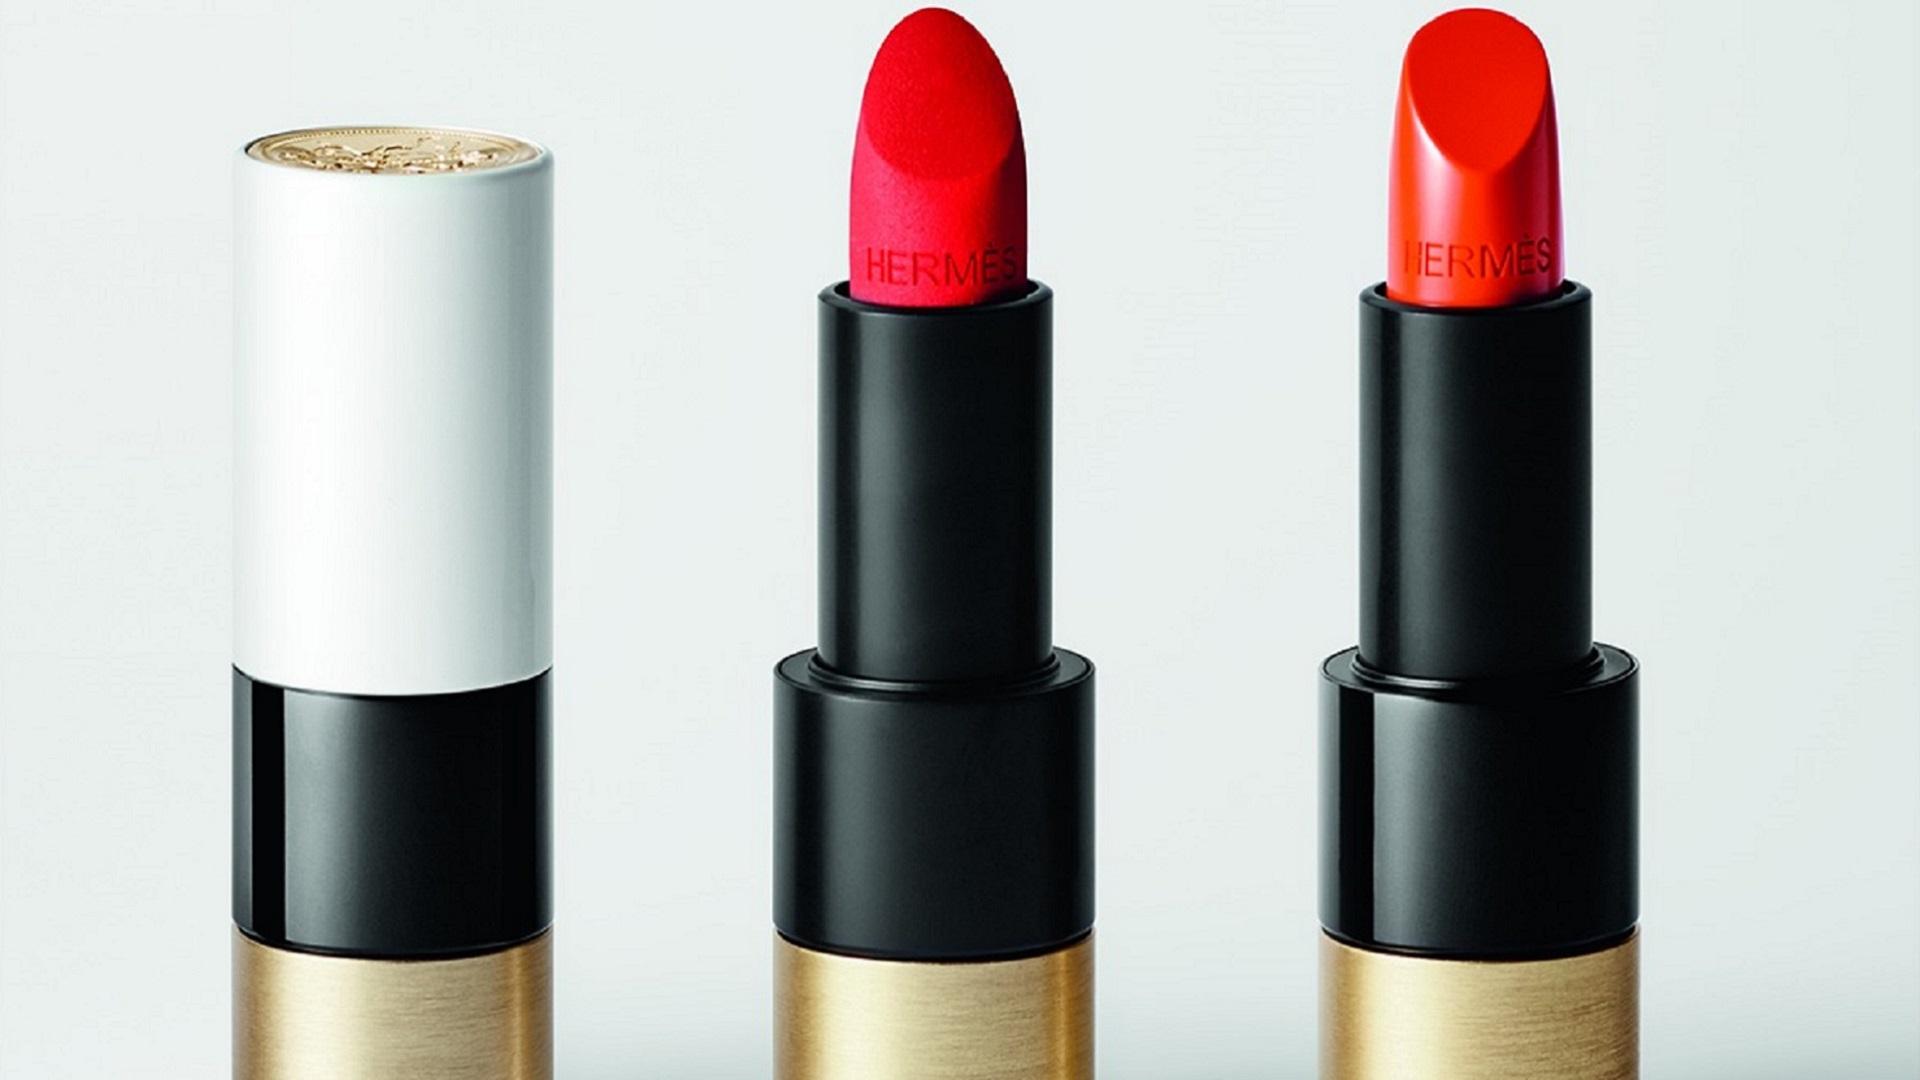 Hermès y sus nuevas barras de labios